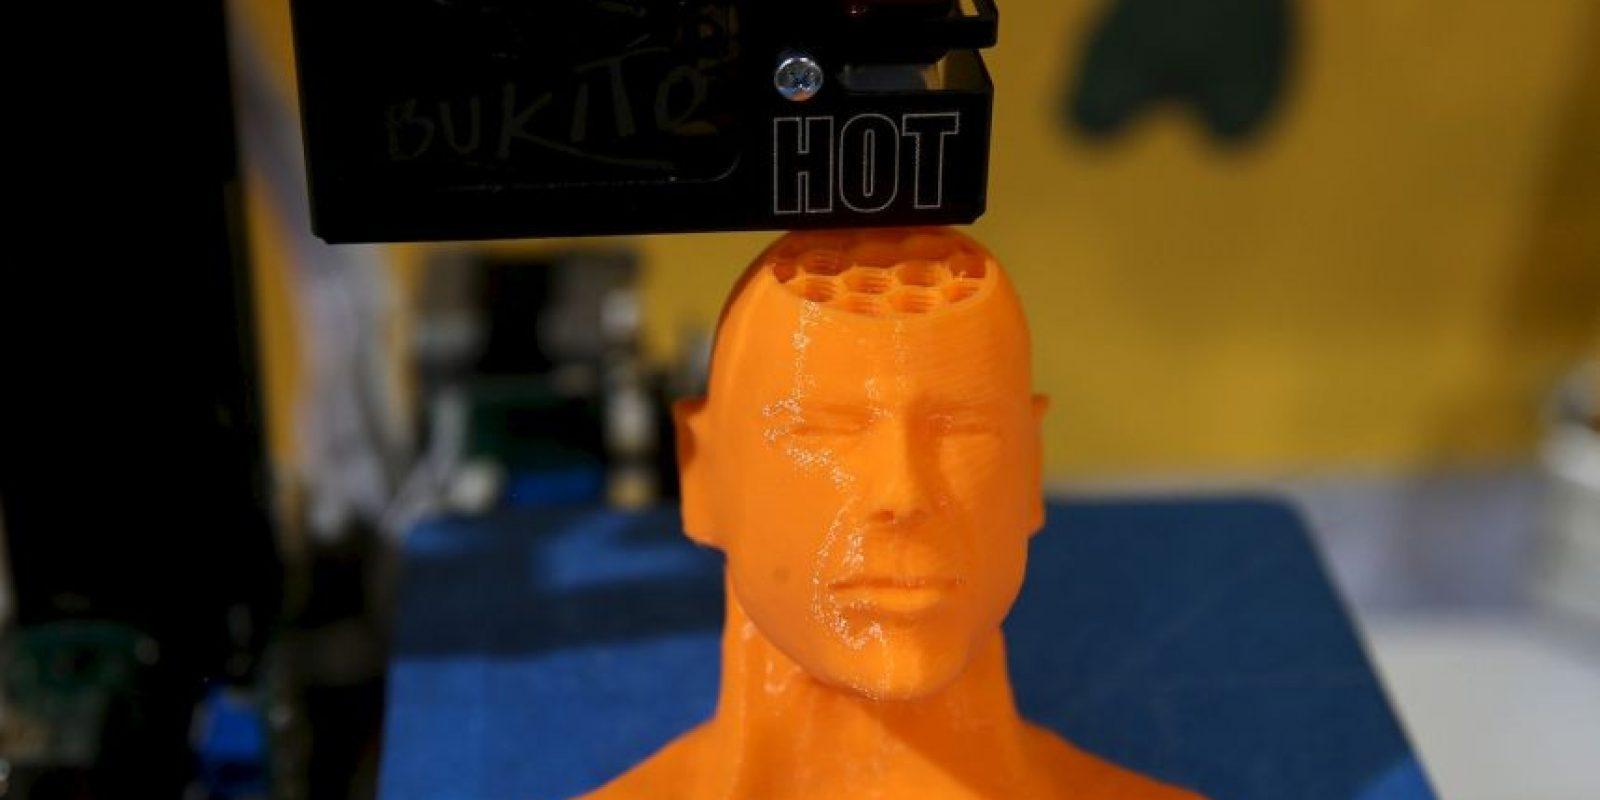 Modelos a escala con una precisión exacta se pueden crear en estos aparatos. Foto:Getty